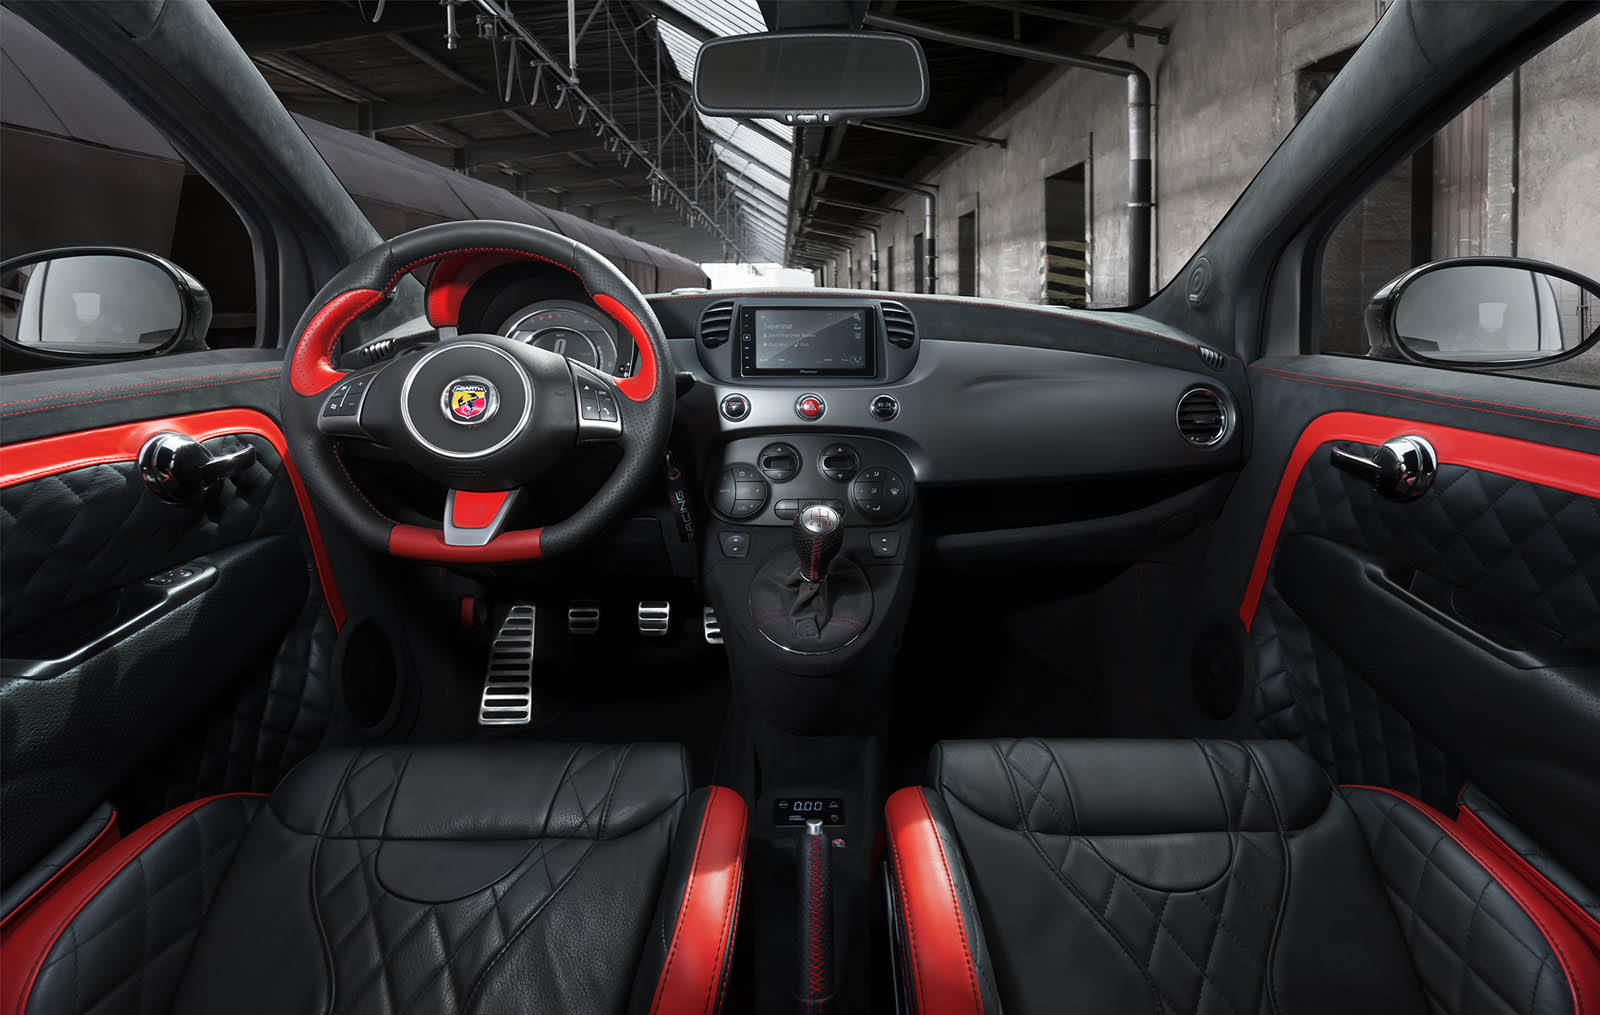 Fiat-500-Abarth-by-Pogea-Racing-22 Ares 500 Pogea Racing: quando raddoppiare la potenza non è abbastanza